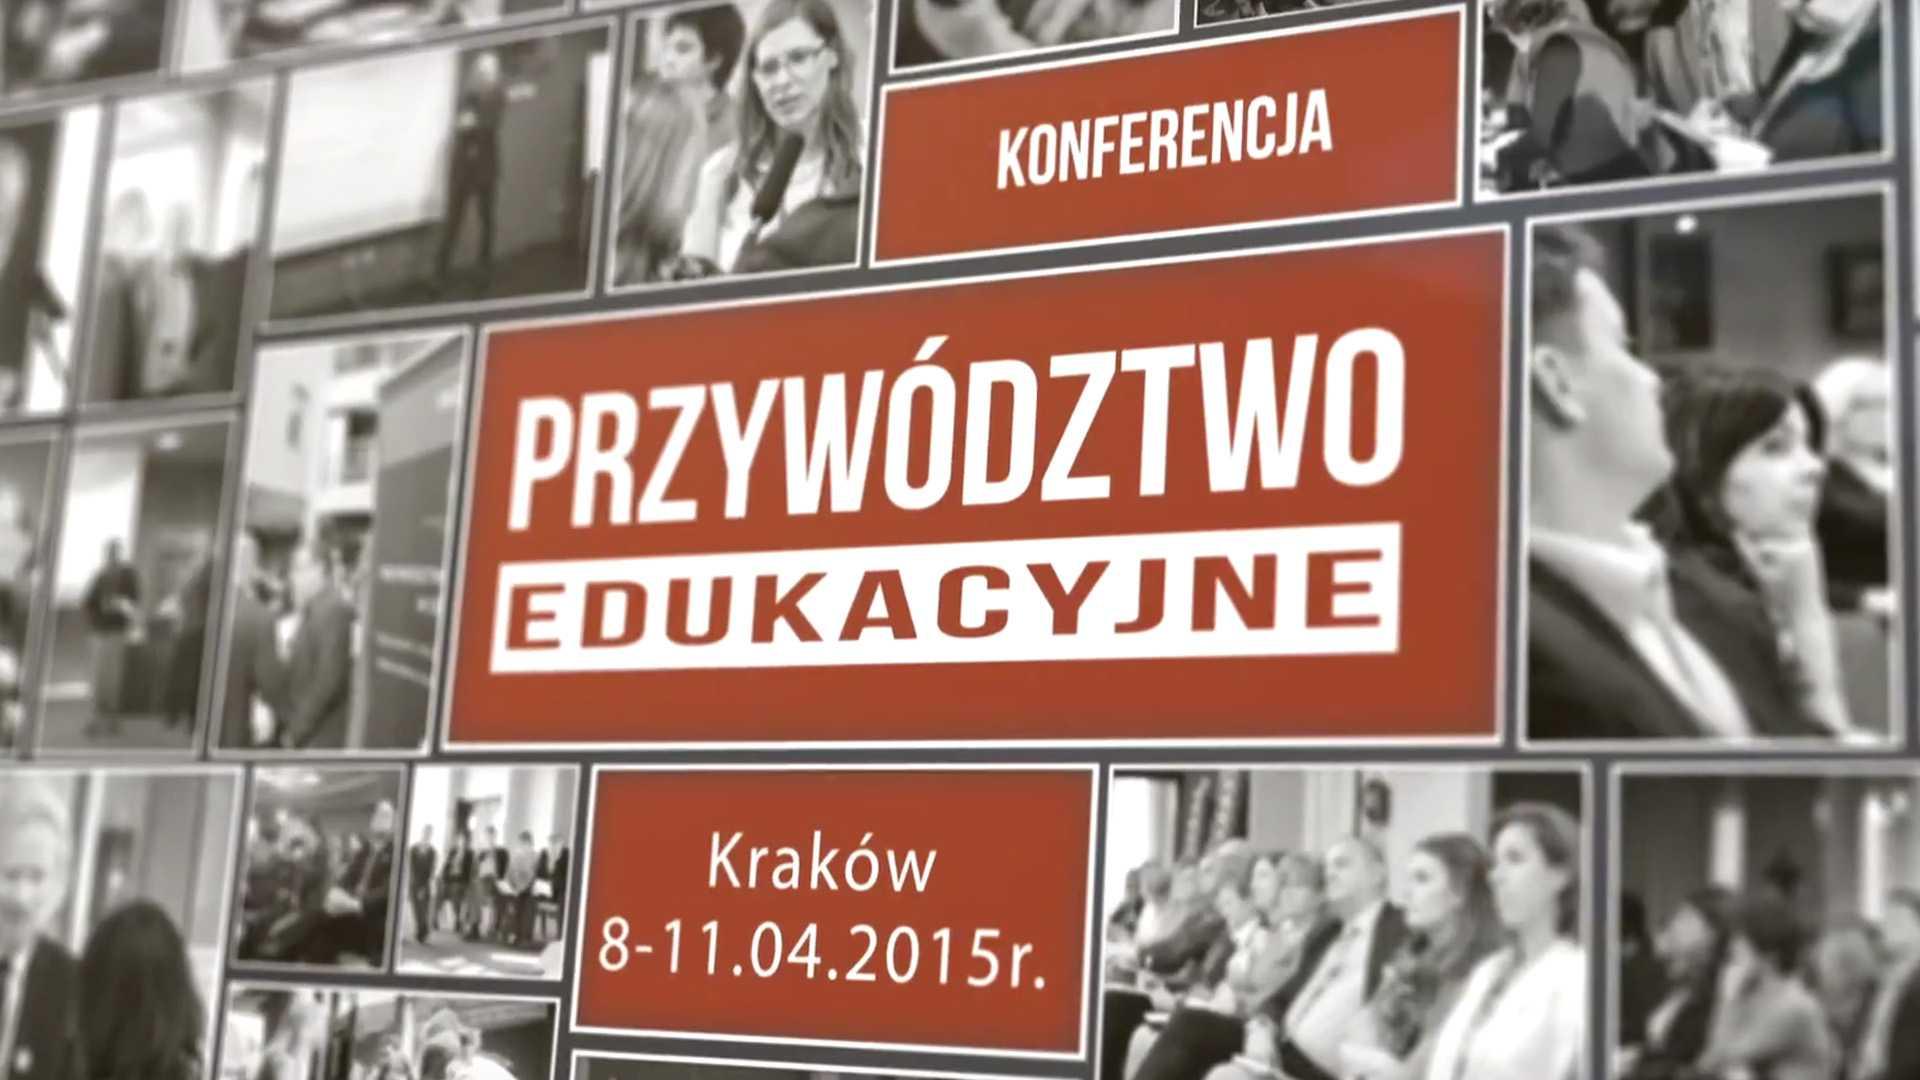 Konferencja Przywództwa Edukacyjnego, Kraków 2015 (Teaser)